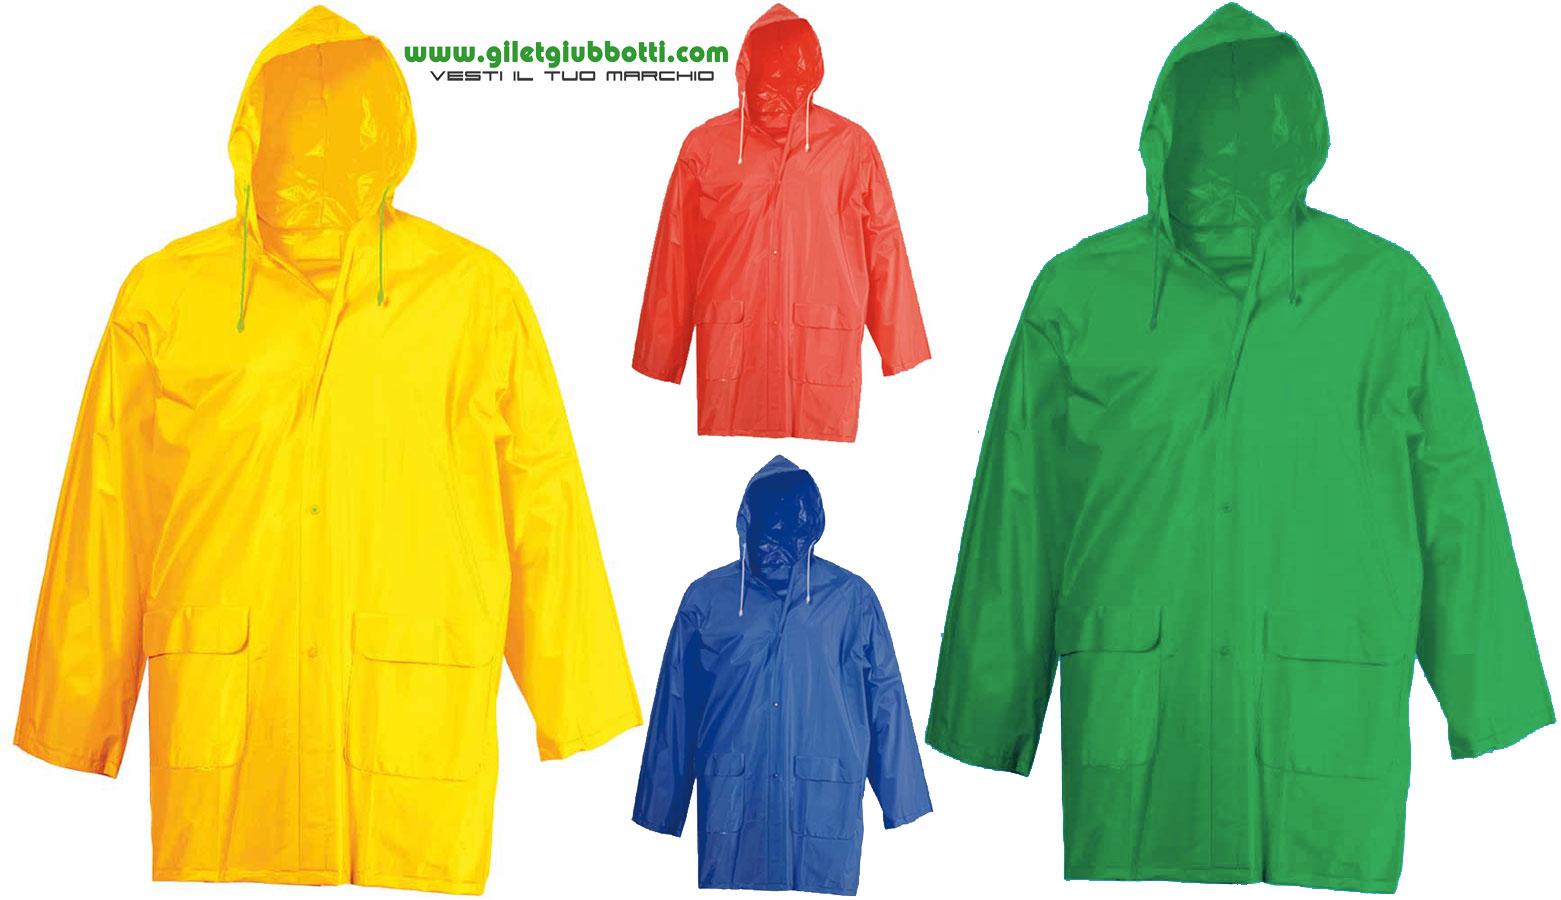 Giacca Pioggia Pioggia Tuta Raincoat pioggia pantaloni IMPERMEABLE 100/% PVC s-3xl BLU GIALLO